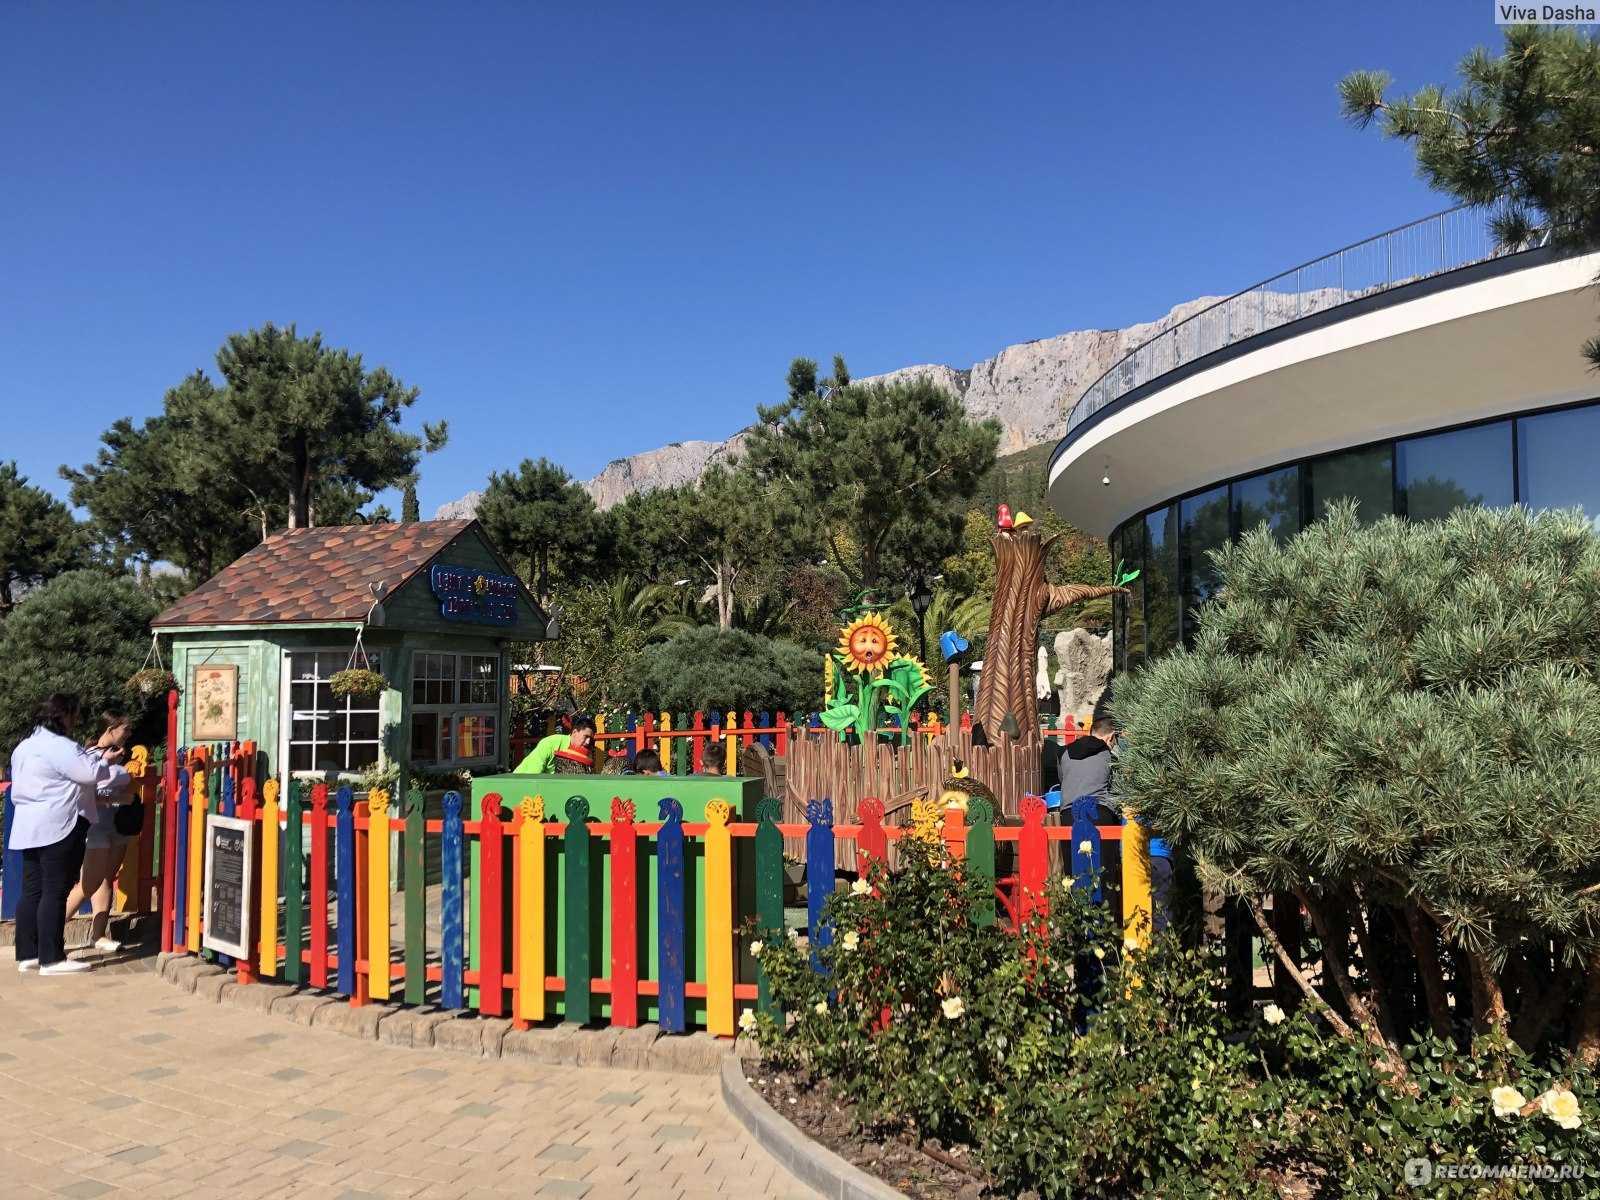 Развлечения в ялте для детей и взрослых (куда сходить, чем заняться на отдыхе)